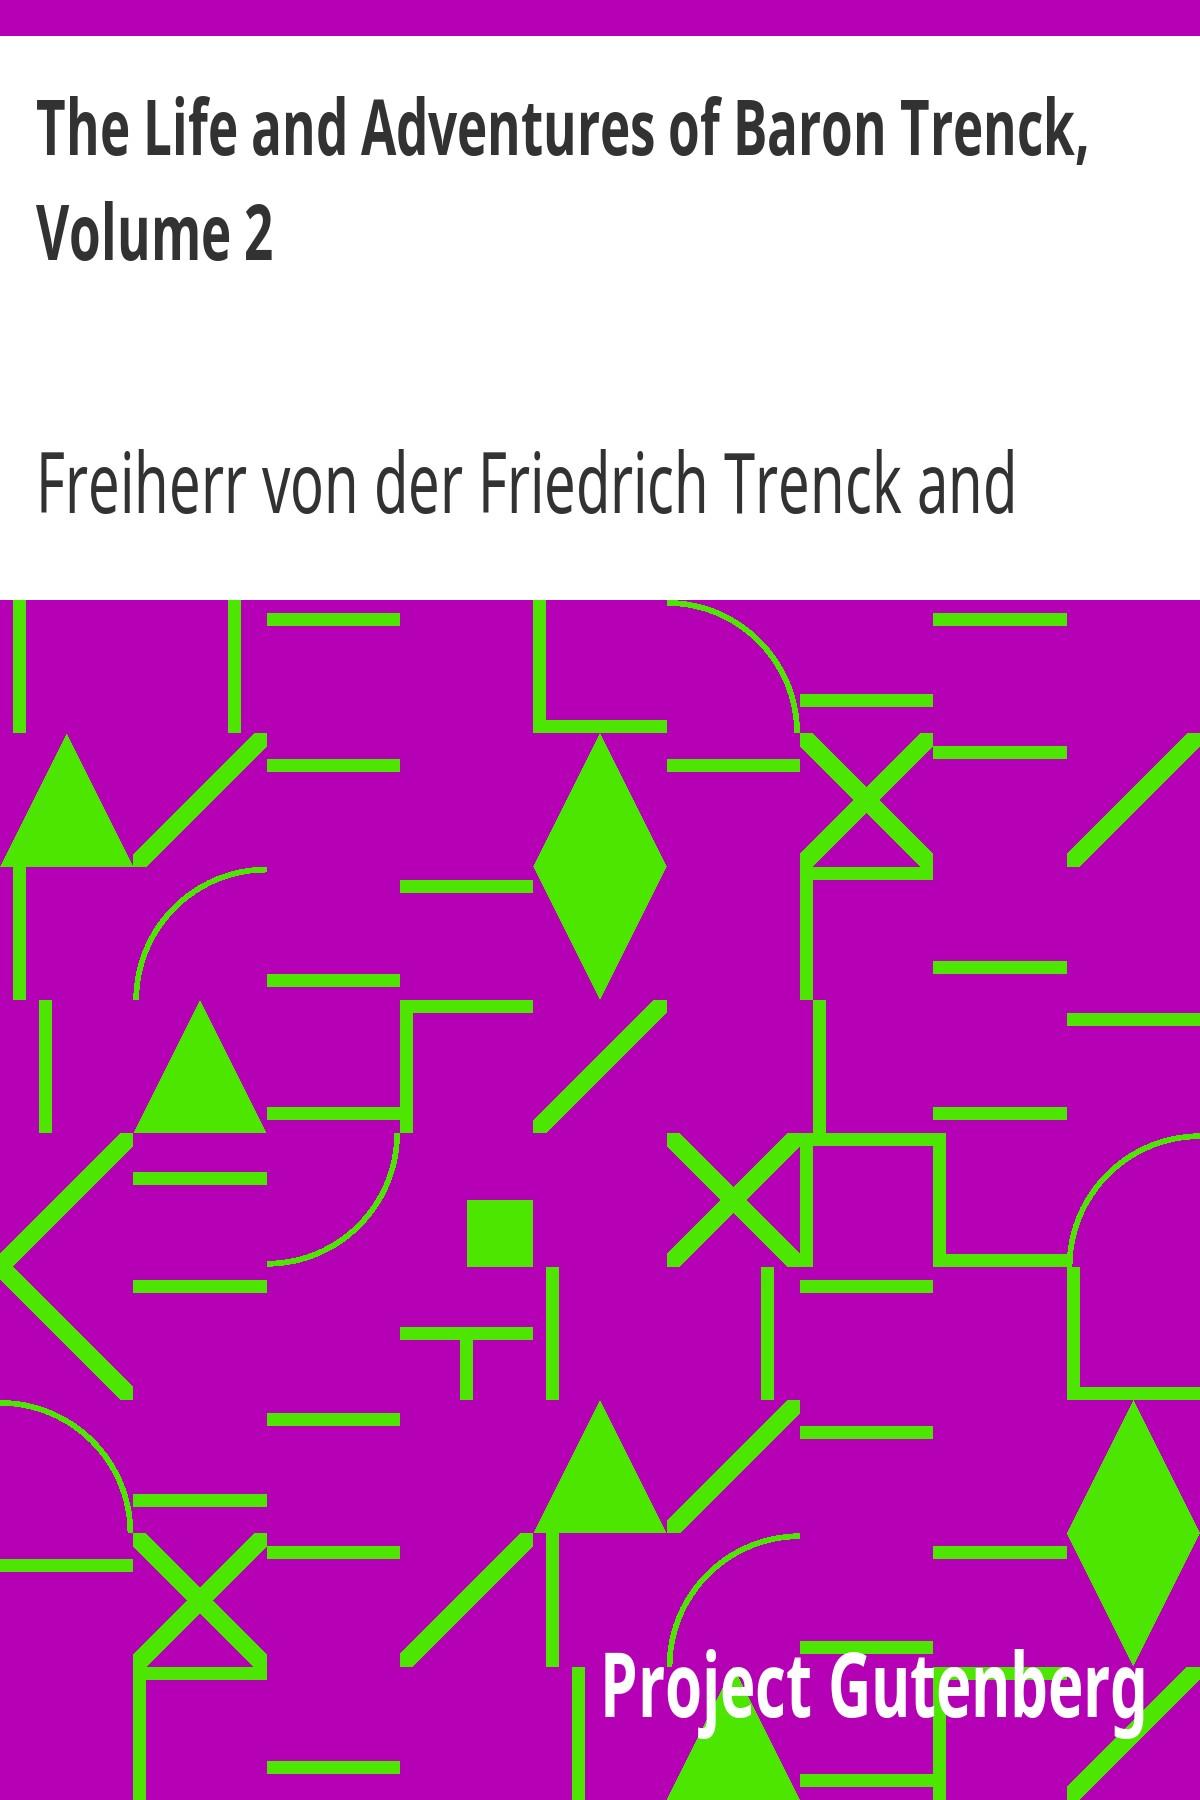 Freiherr von der Friedrich Trenck The Life and Adventures of Baron Trenck, Volume 2